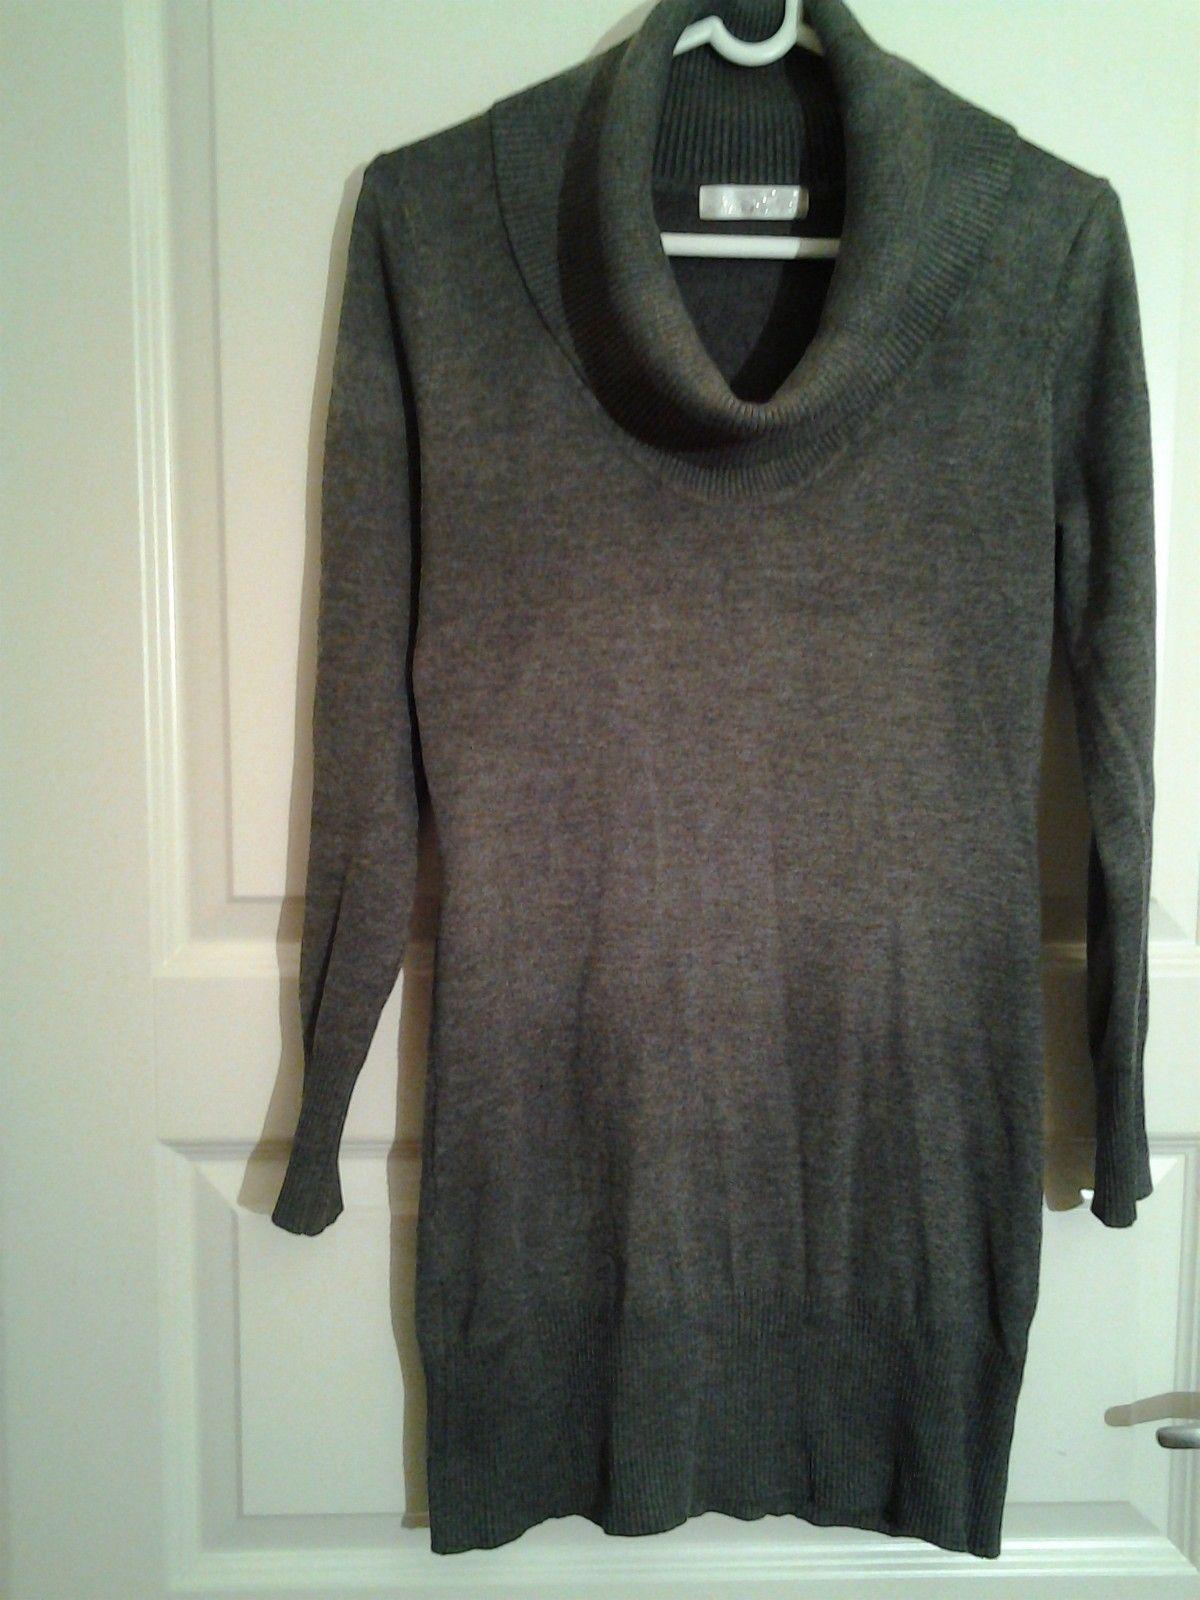 db1b79a1 70% ULL høyhalset kjole - genser. MØRK GRÅ. Fra Tyrkia. | FINN.no